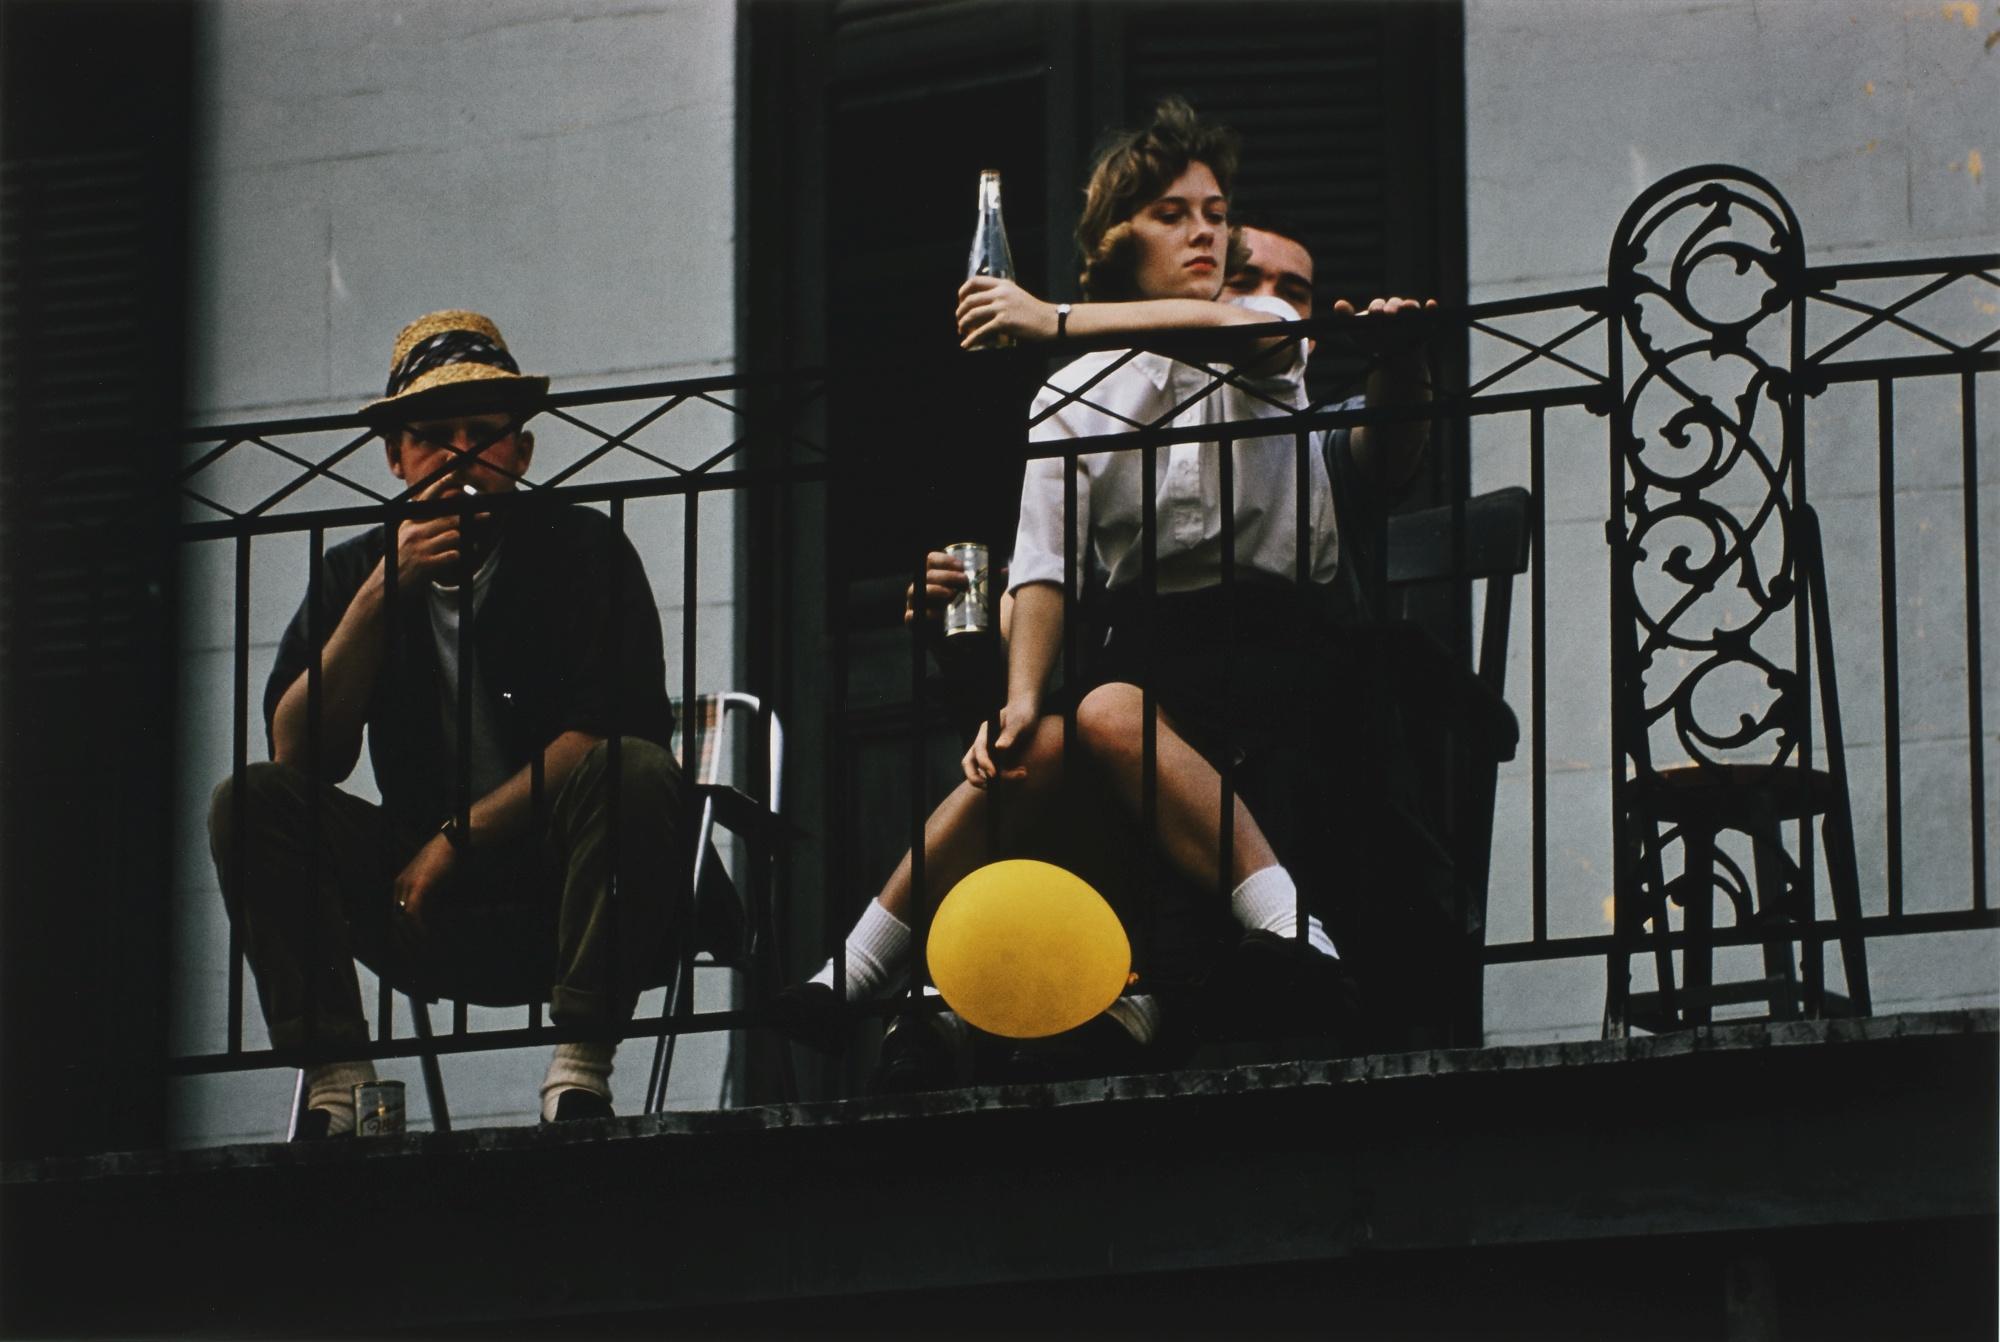 Ernst Haas-Yellow Balloon, New Orleans, Louisiana-1970